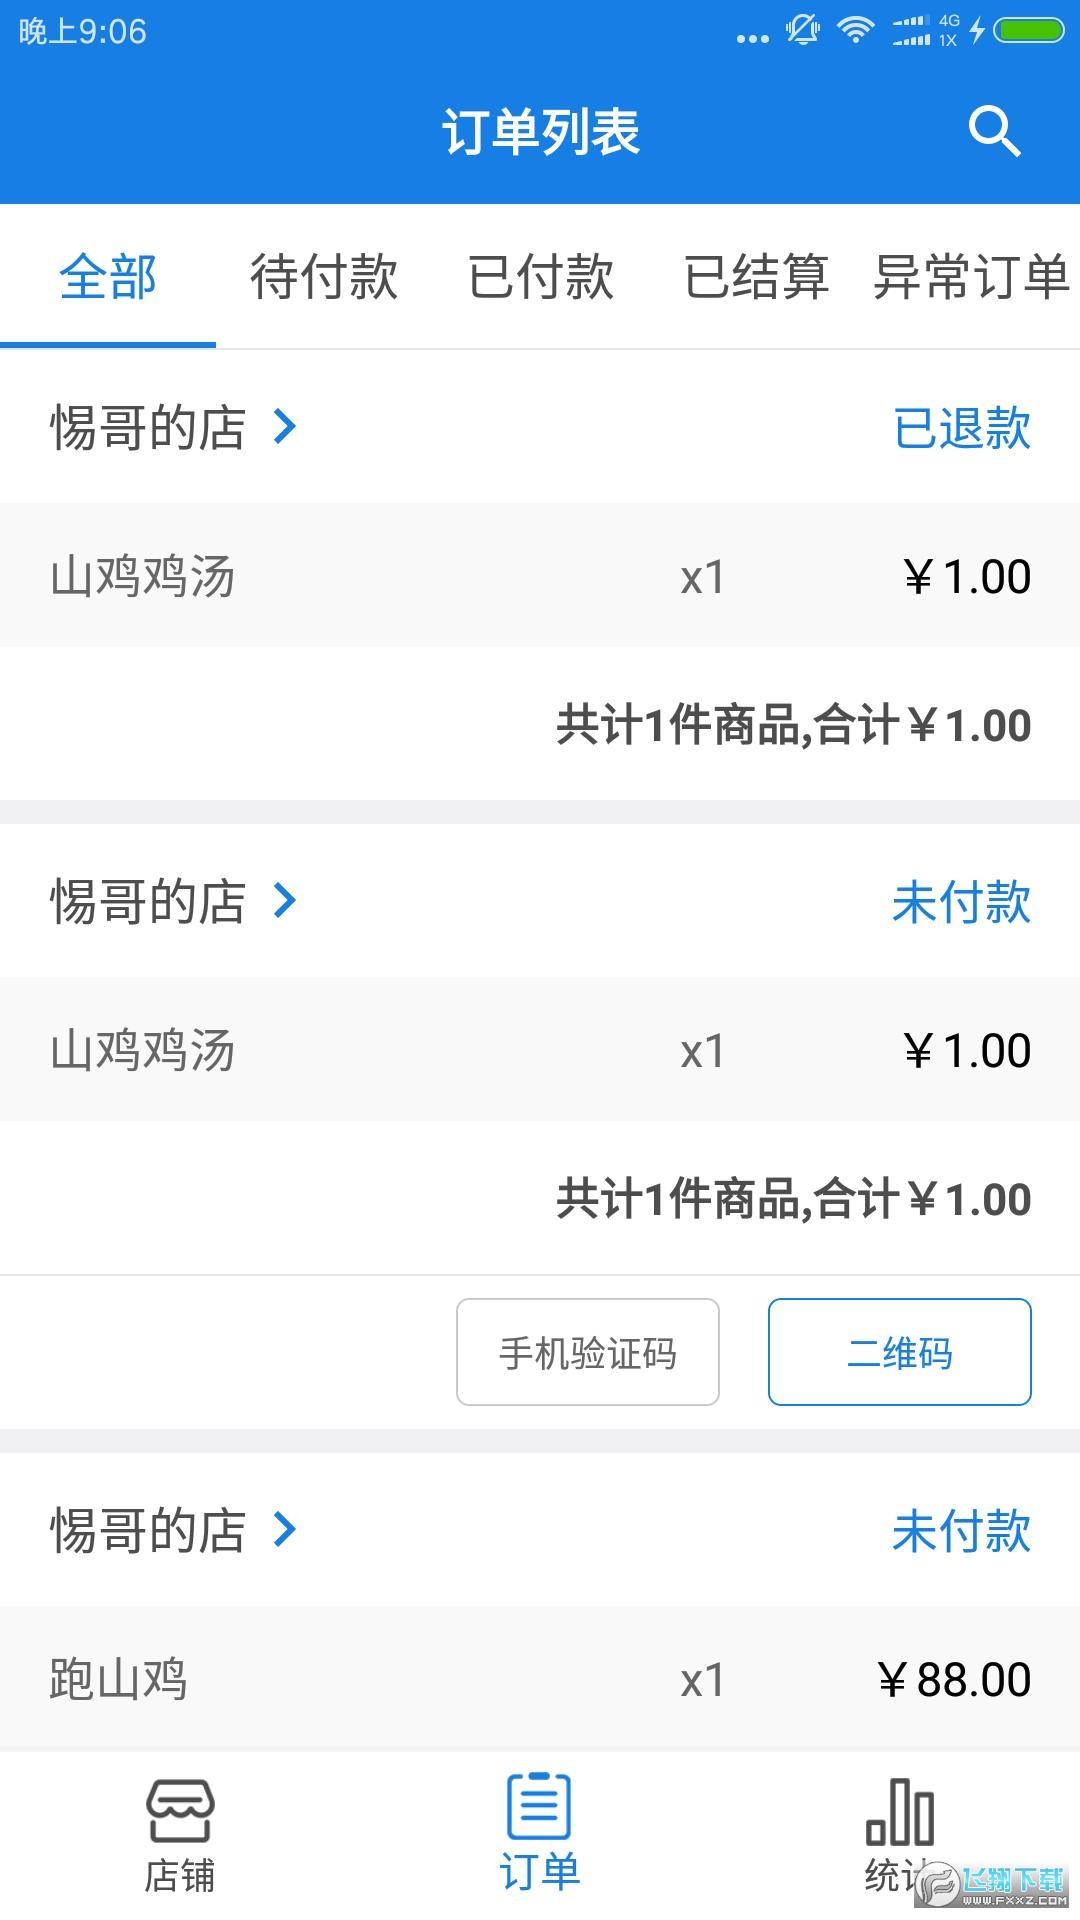 福到店app安卓版1.0.5最新版截图1